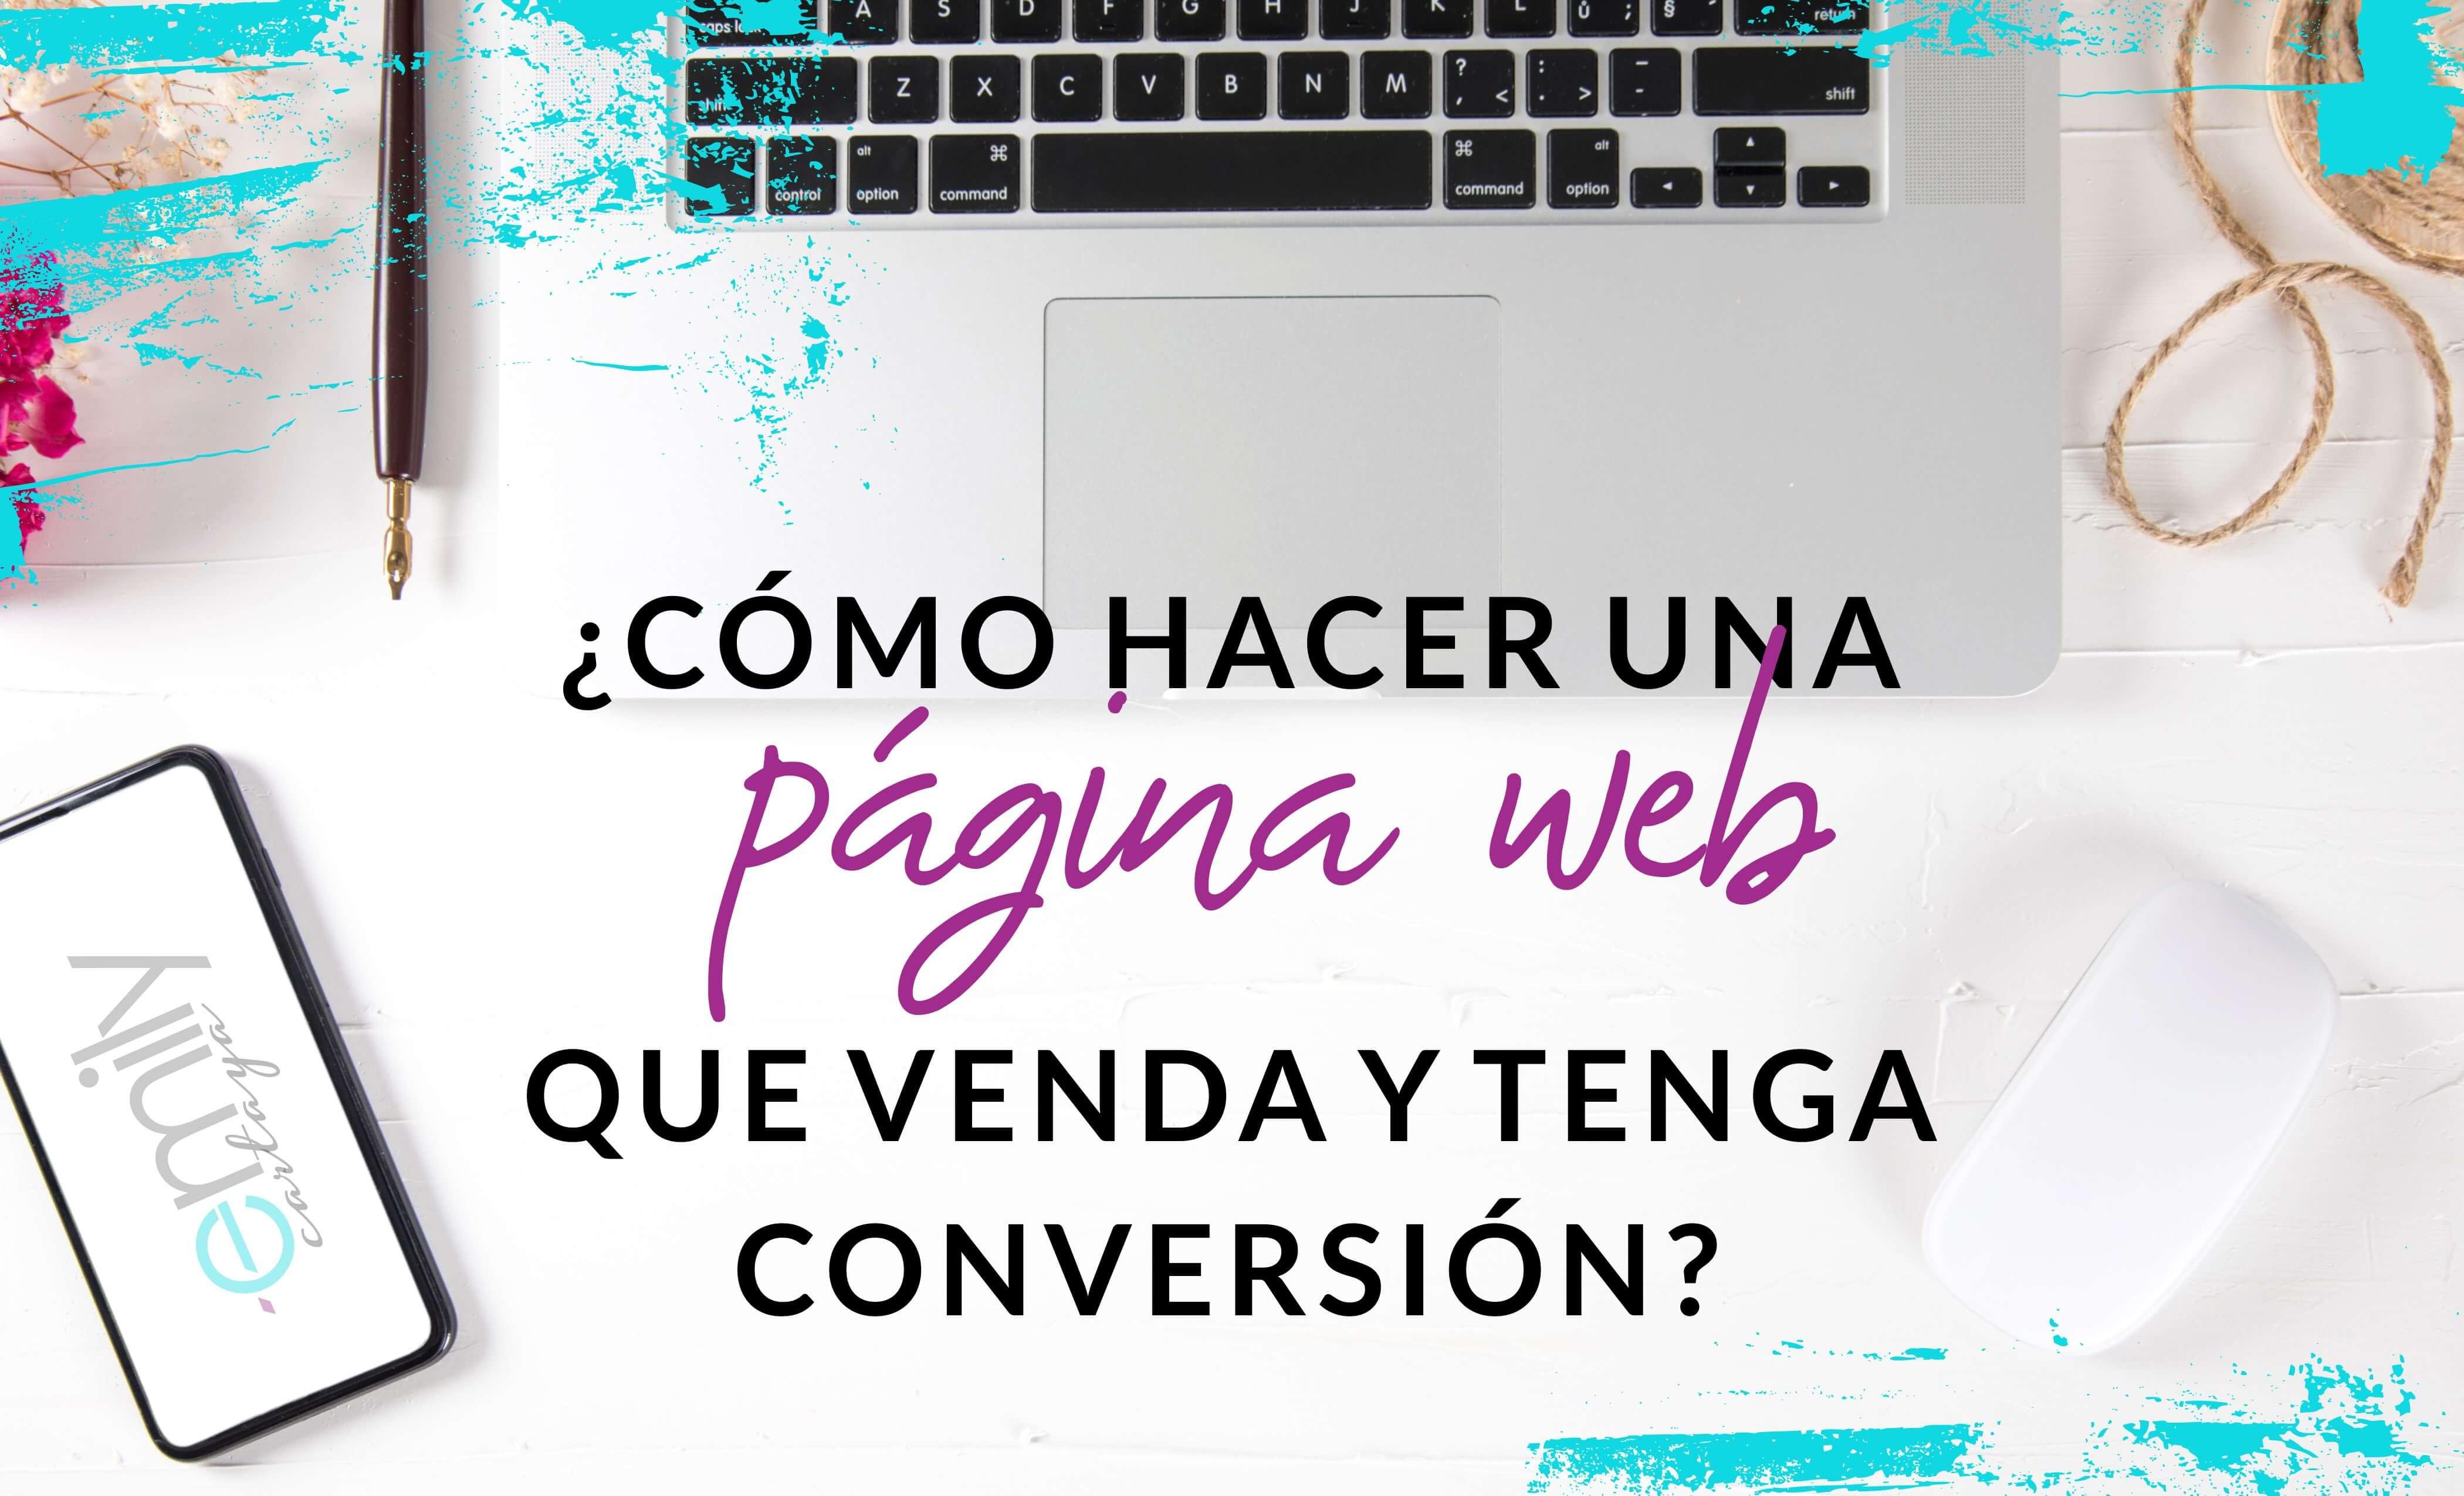 Episodio #16: ¿Cómo hacer una página web que venda y tenga conversión?